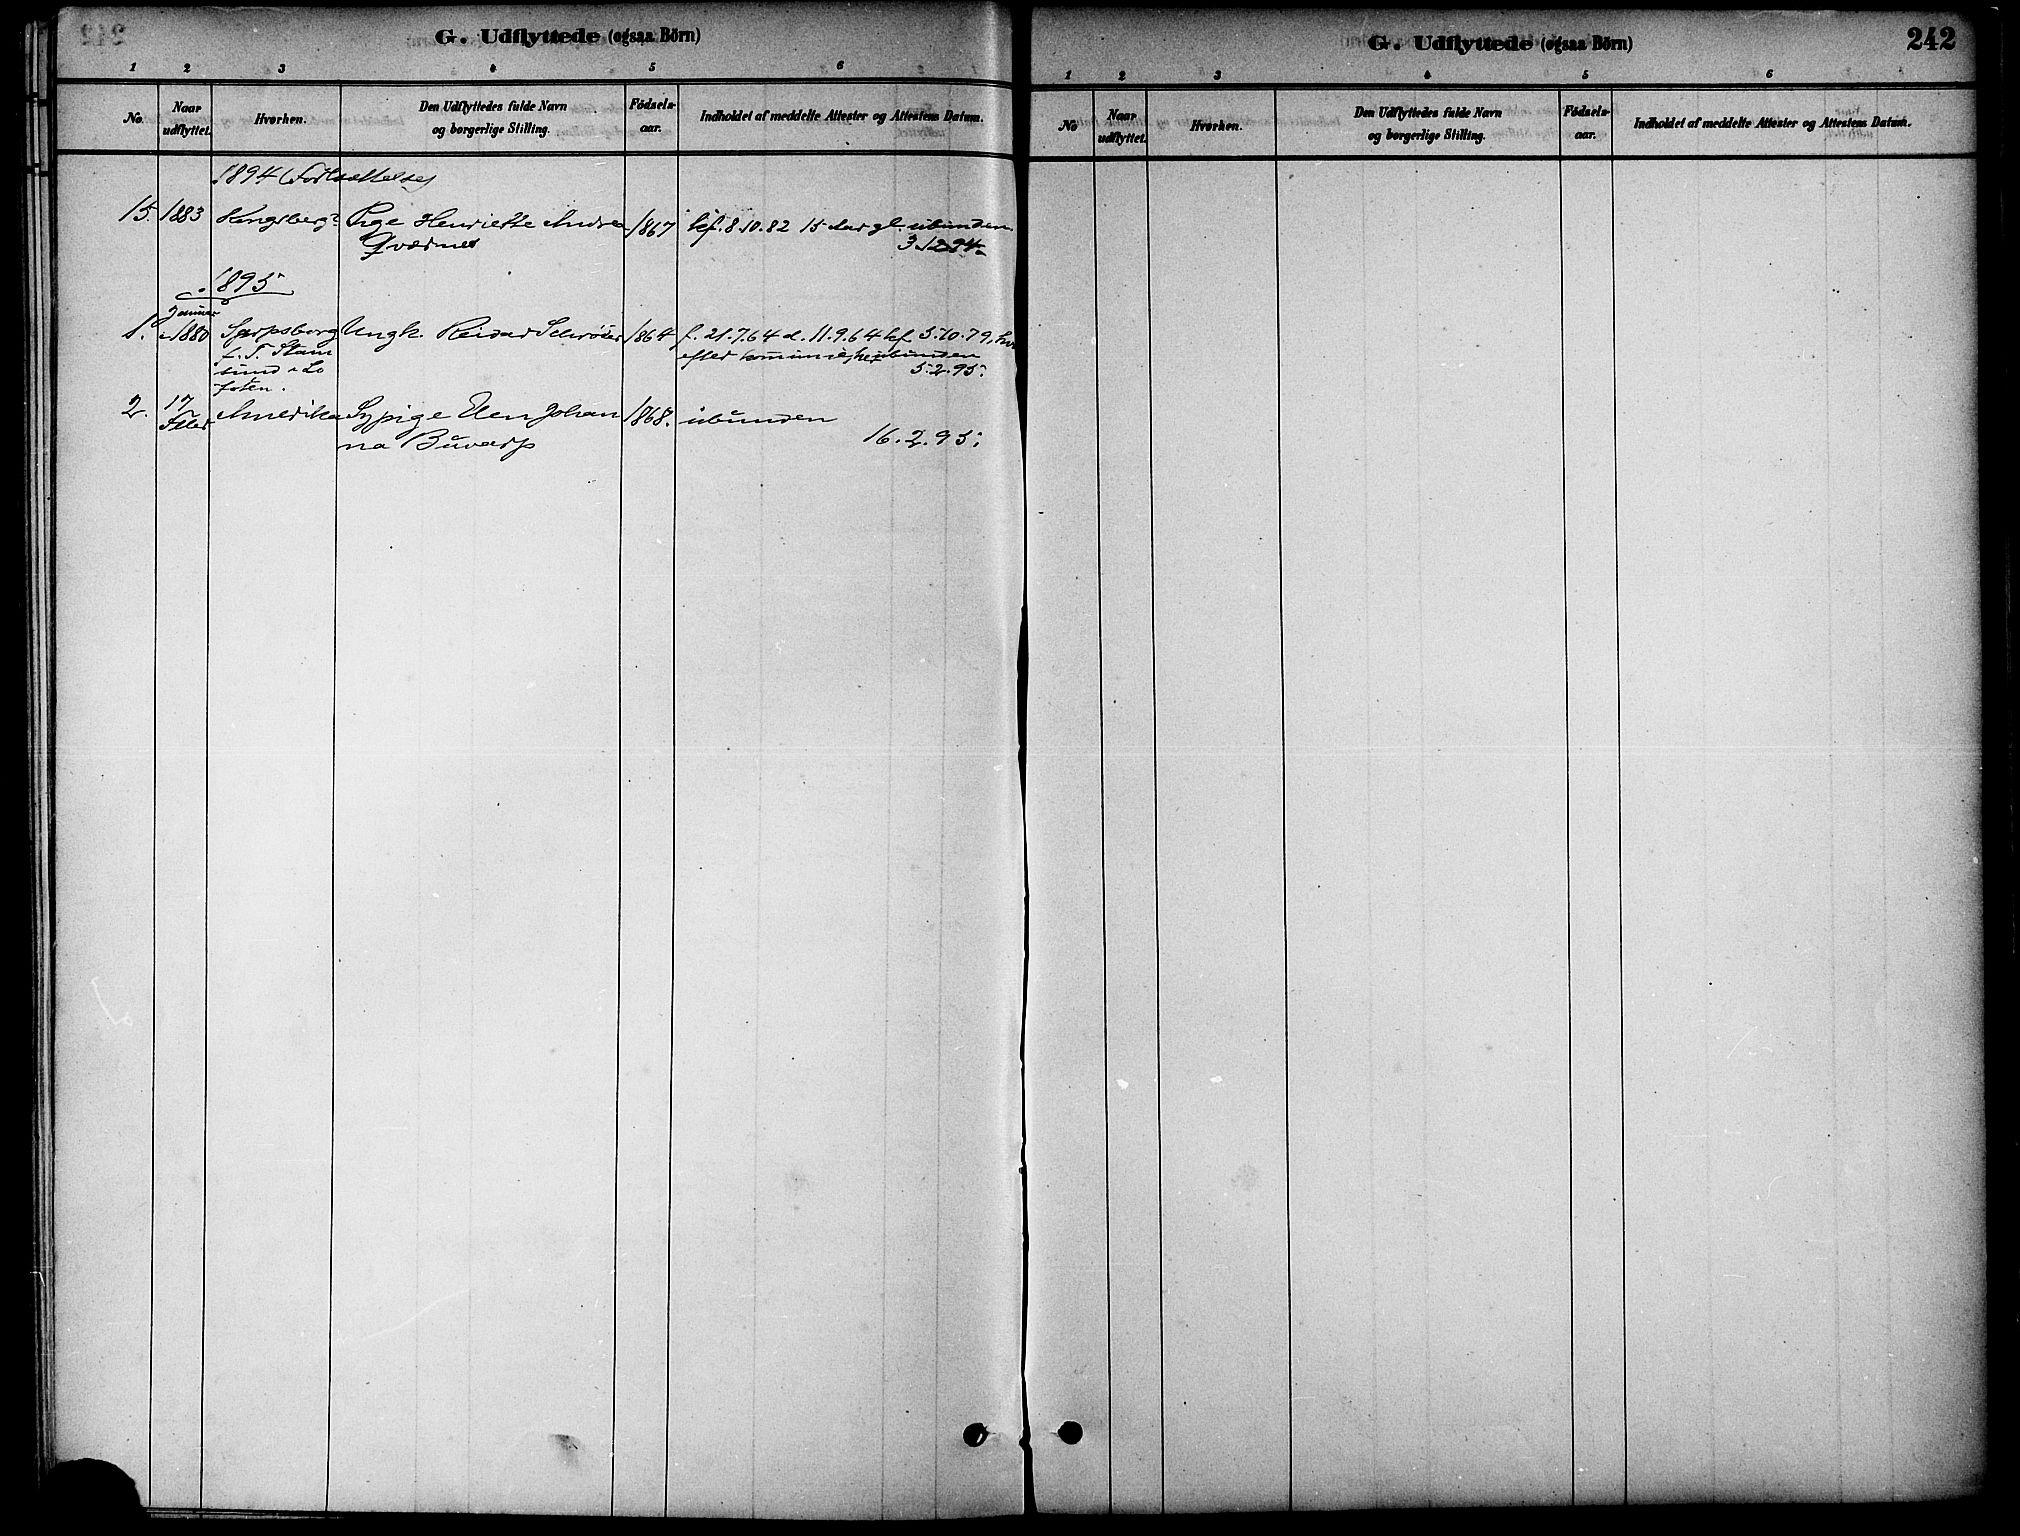 SAT, Ministerialprotokoller, klokkerbøker og fødselsregistre - Nord-Trøndelag, 739/L0371: Ministerialbok nr. 739A03, 1881-1895, s. 242